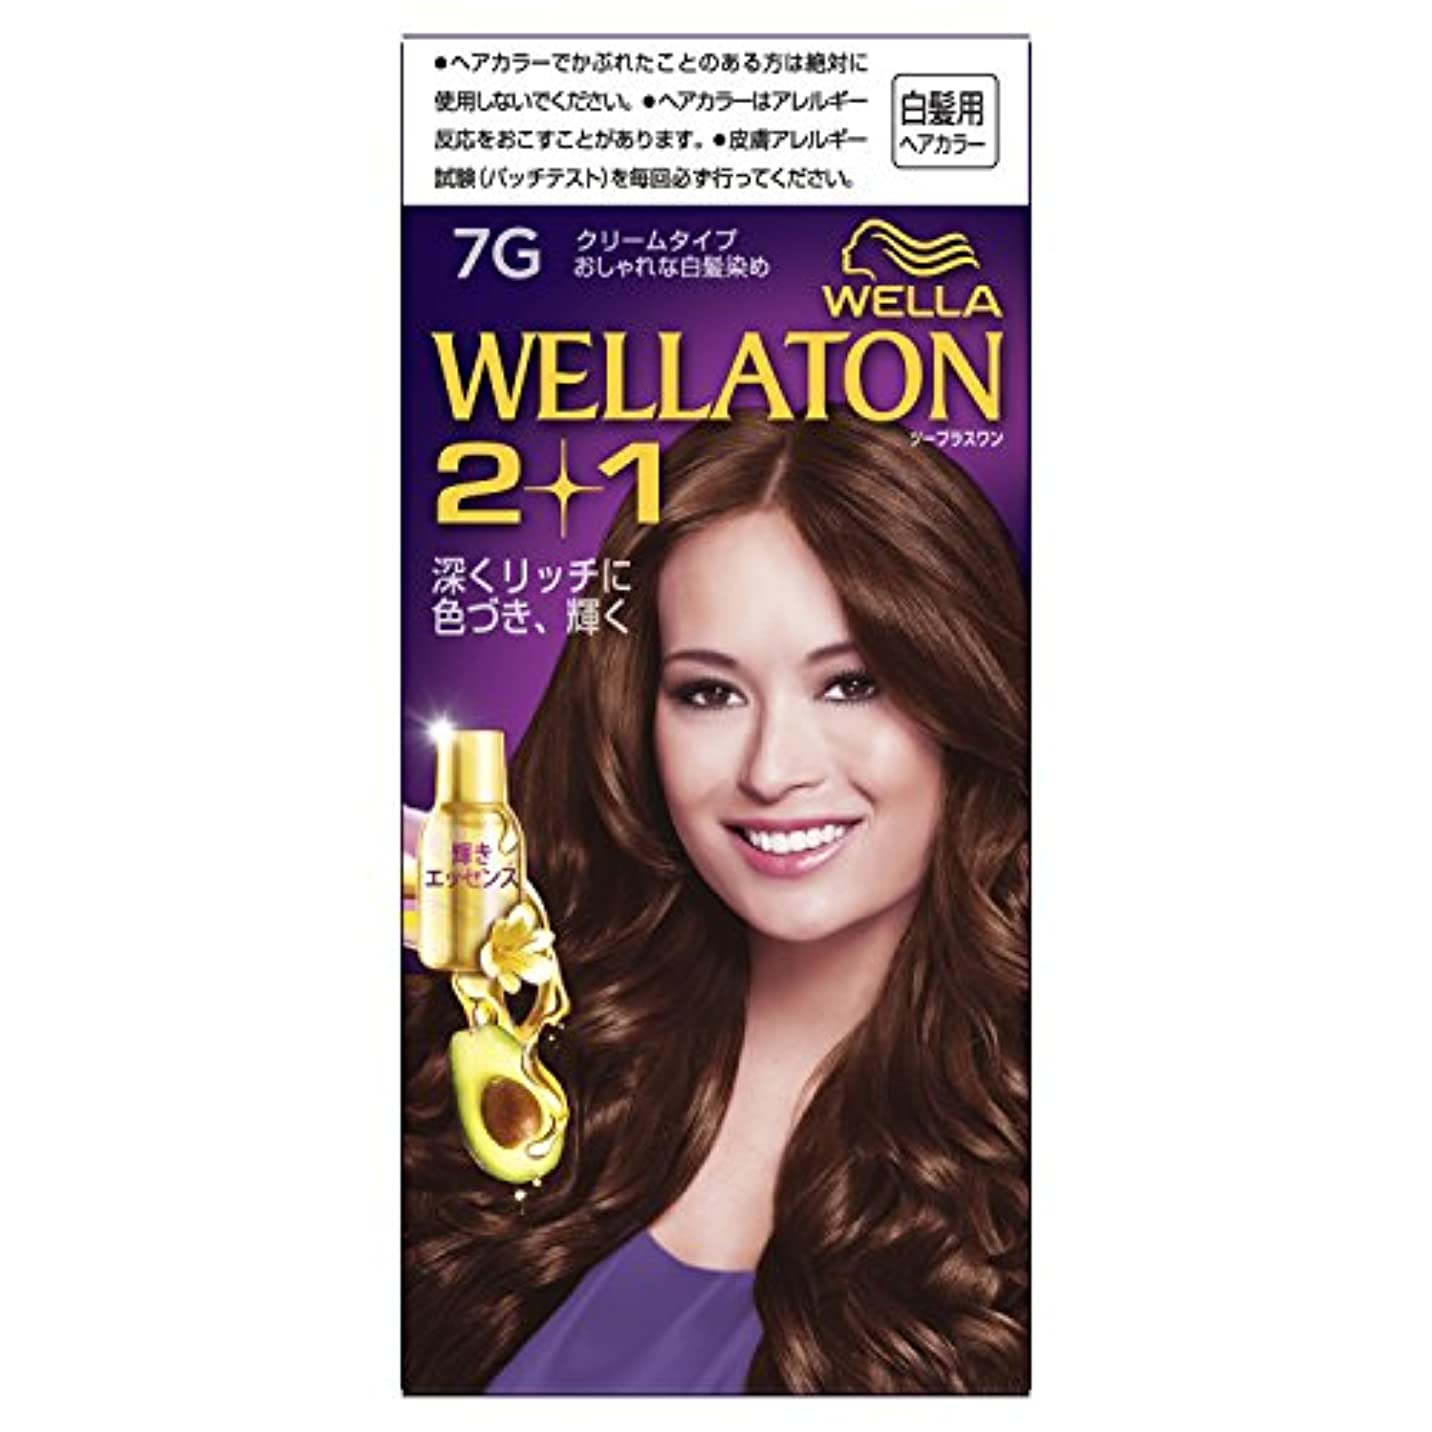 一説得四ウエラトーン2+1 クリームタイプ 7G [医薬部外品](おしゃれな白髪染め)